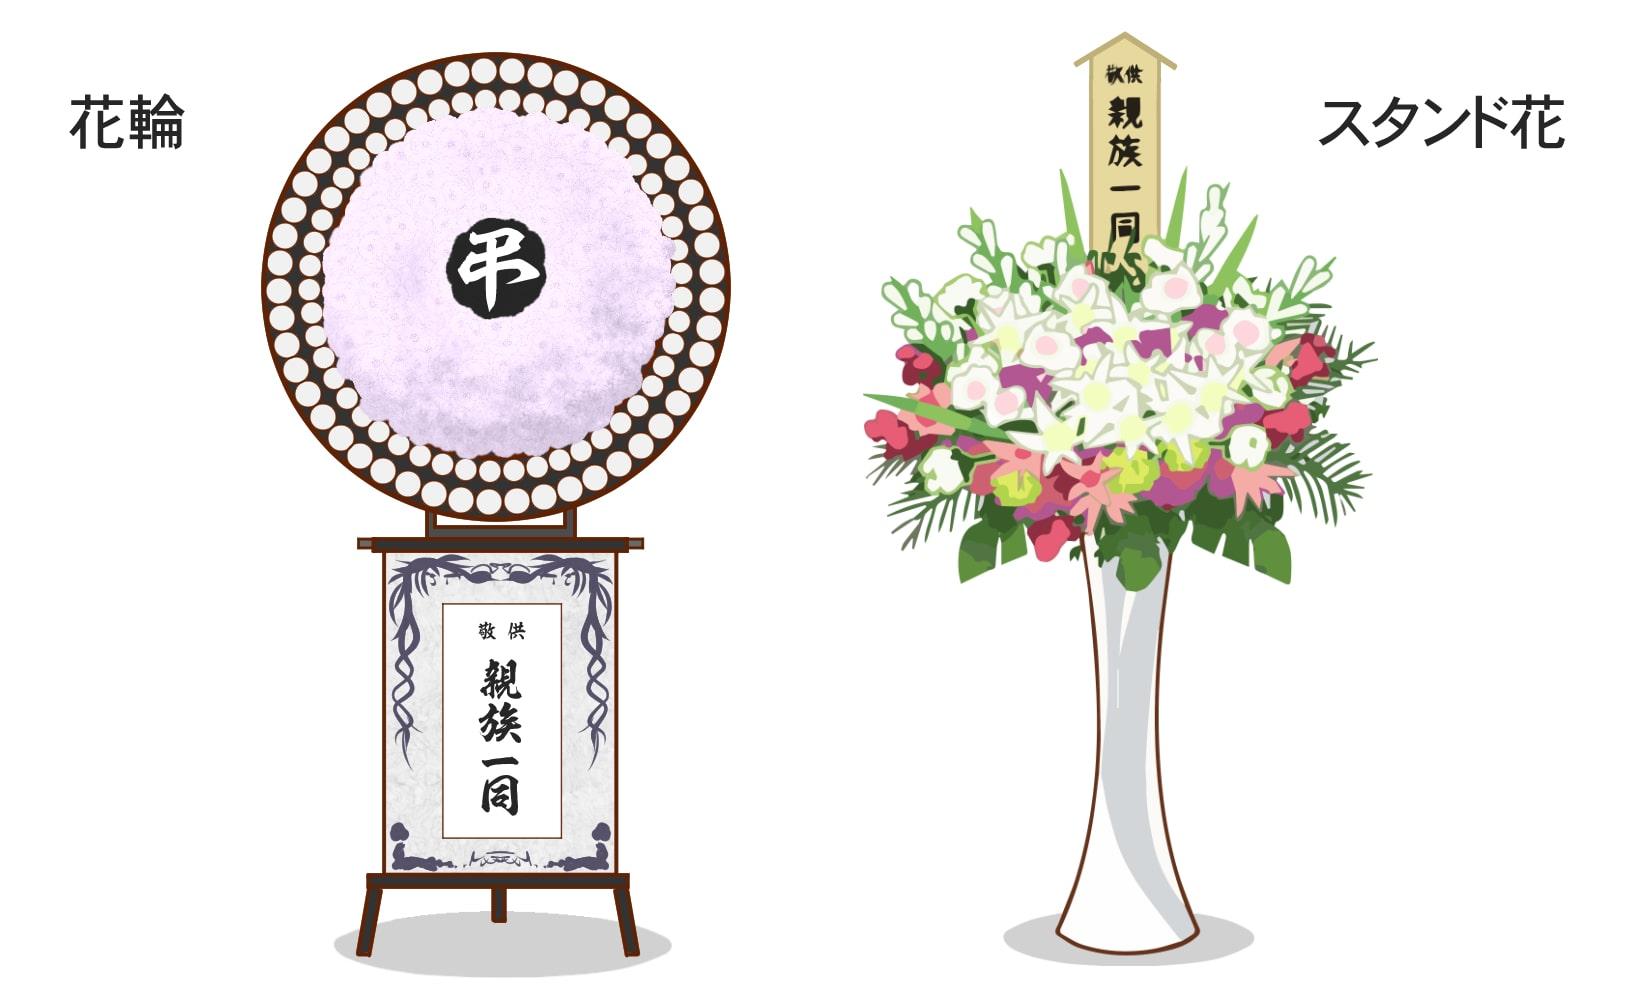 花輪は仏式の葬儀でのみ用いられ、スタンド花はすべての宗教で贈ることができる